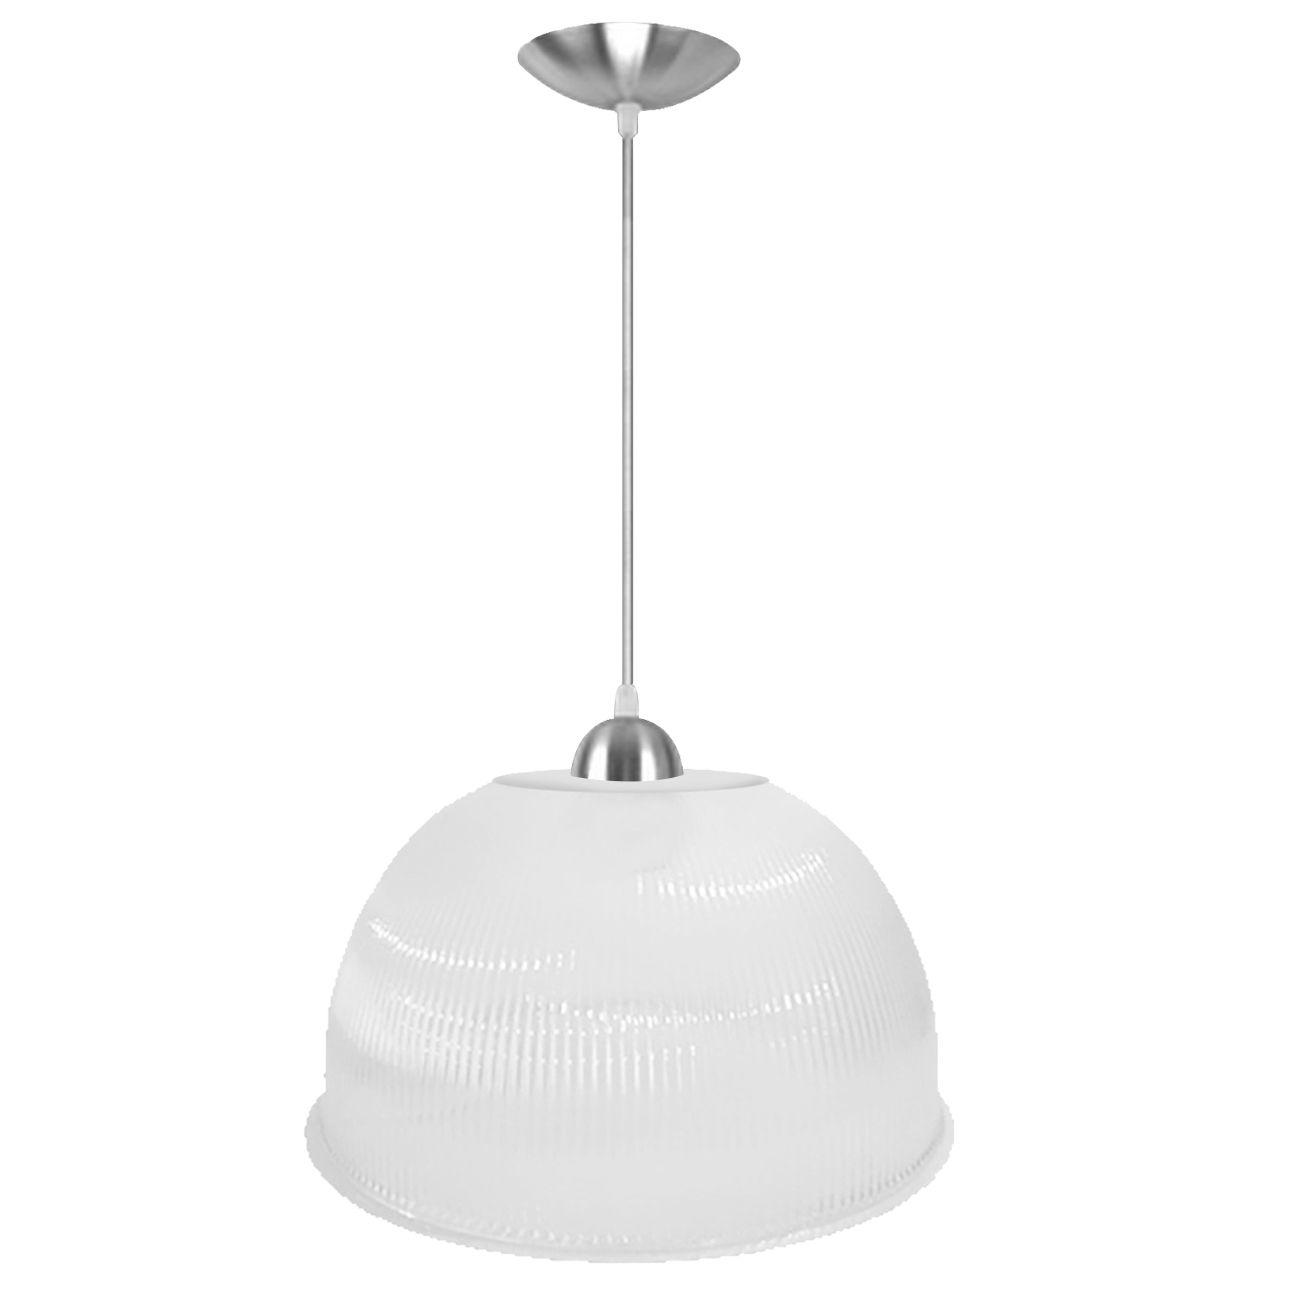 L01- Luminária Pendente Prismática 12 Pol Branco Leitoso - Acabamentos Alumínio - E27